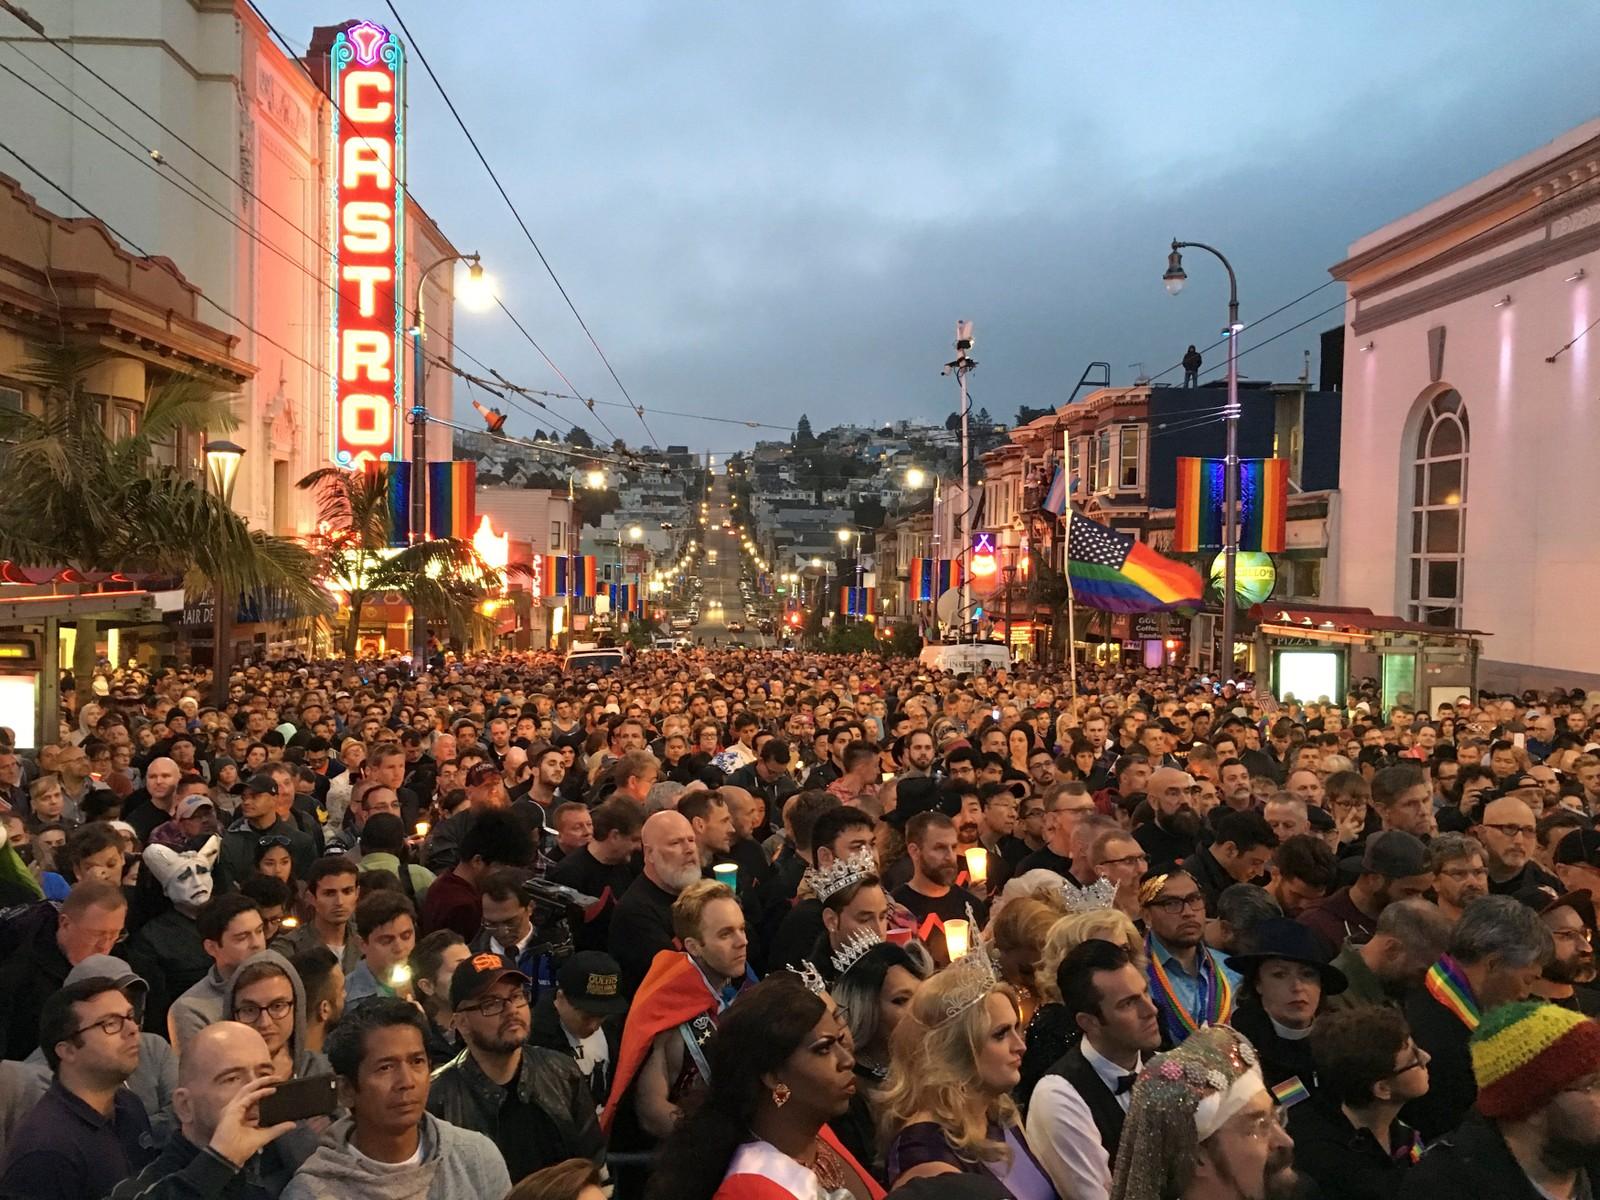 USA: Tusenvis samlet seg søndag kveld i homodistriktet i San Fransisco, som ble satt på det politiske kartet gjennom innsatsen fra den homofile politikeren Harvey Milk.